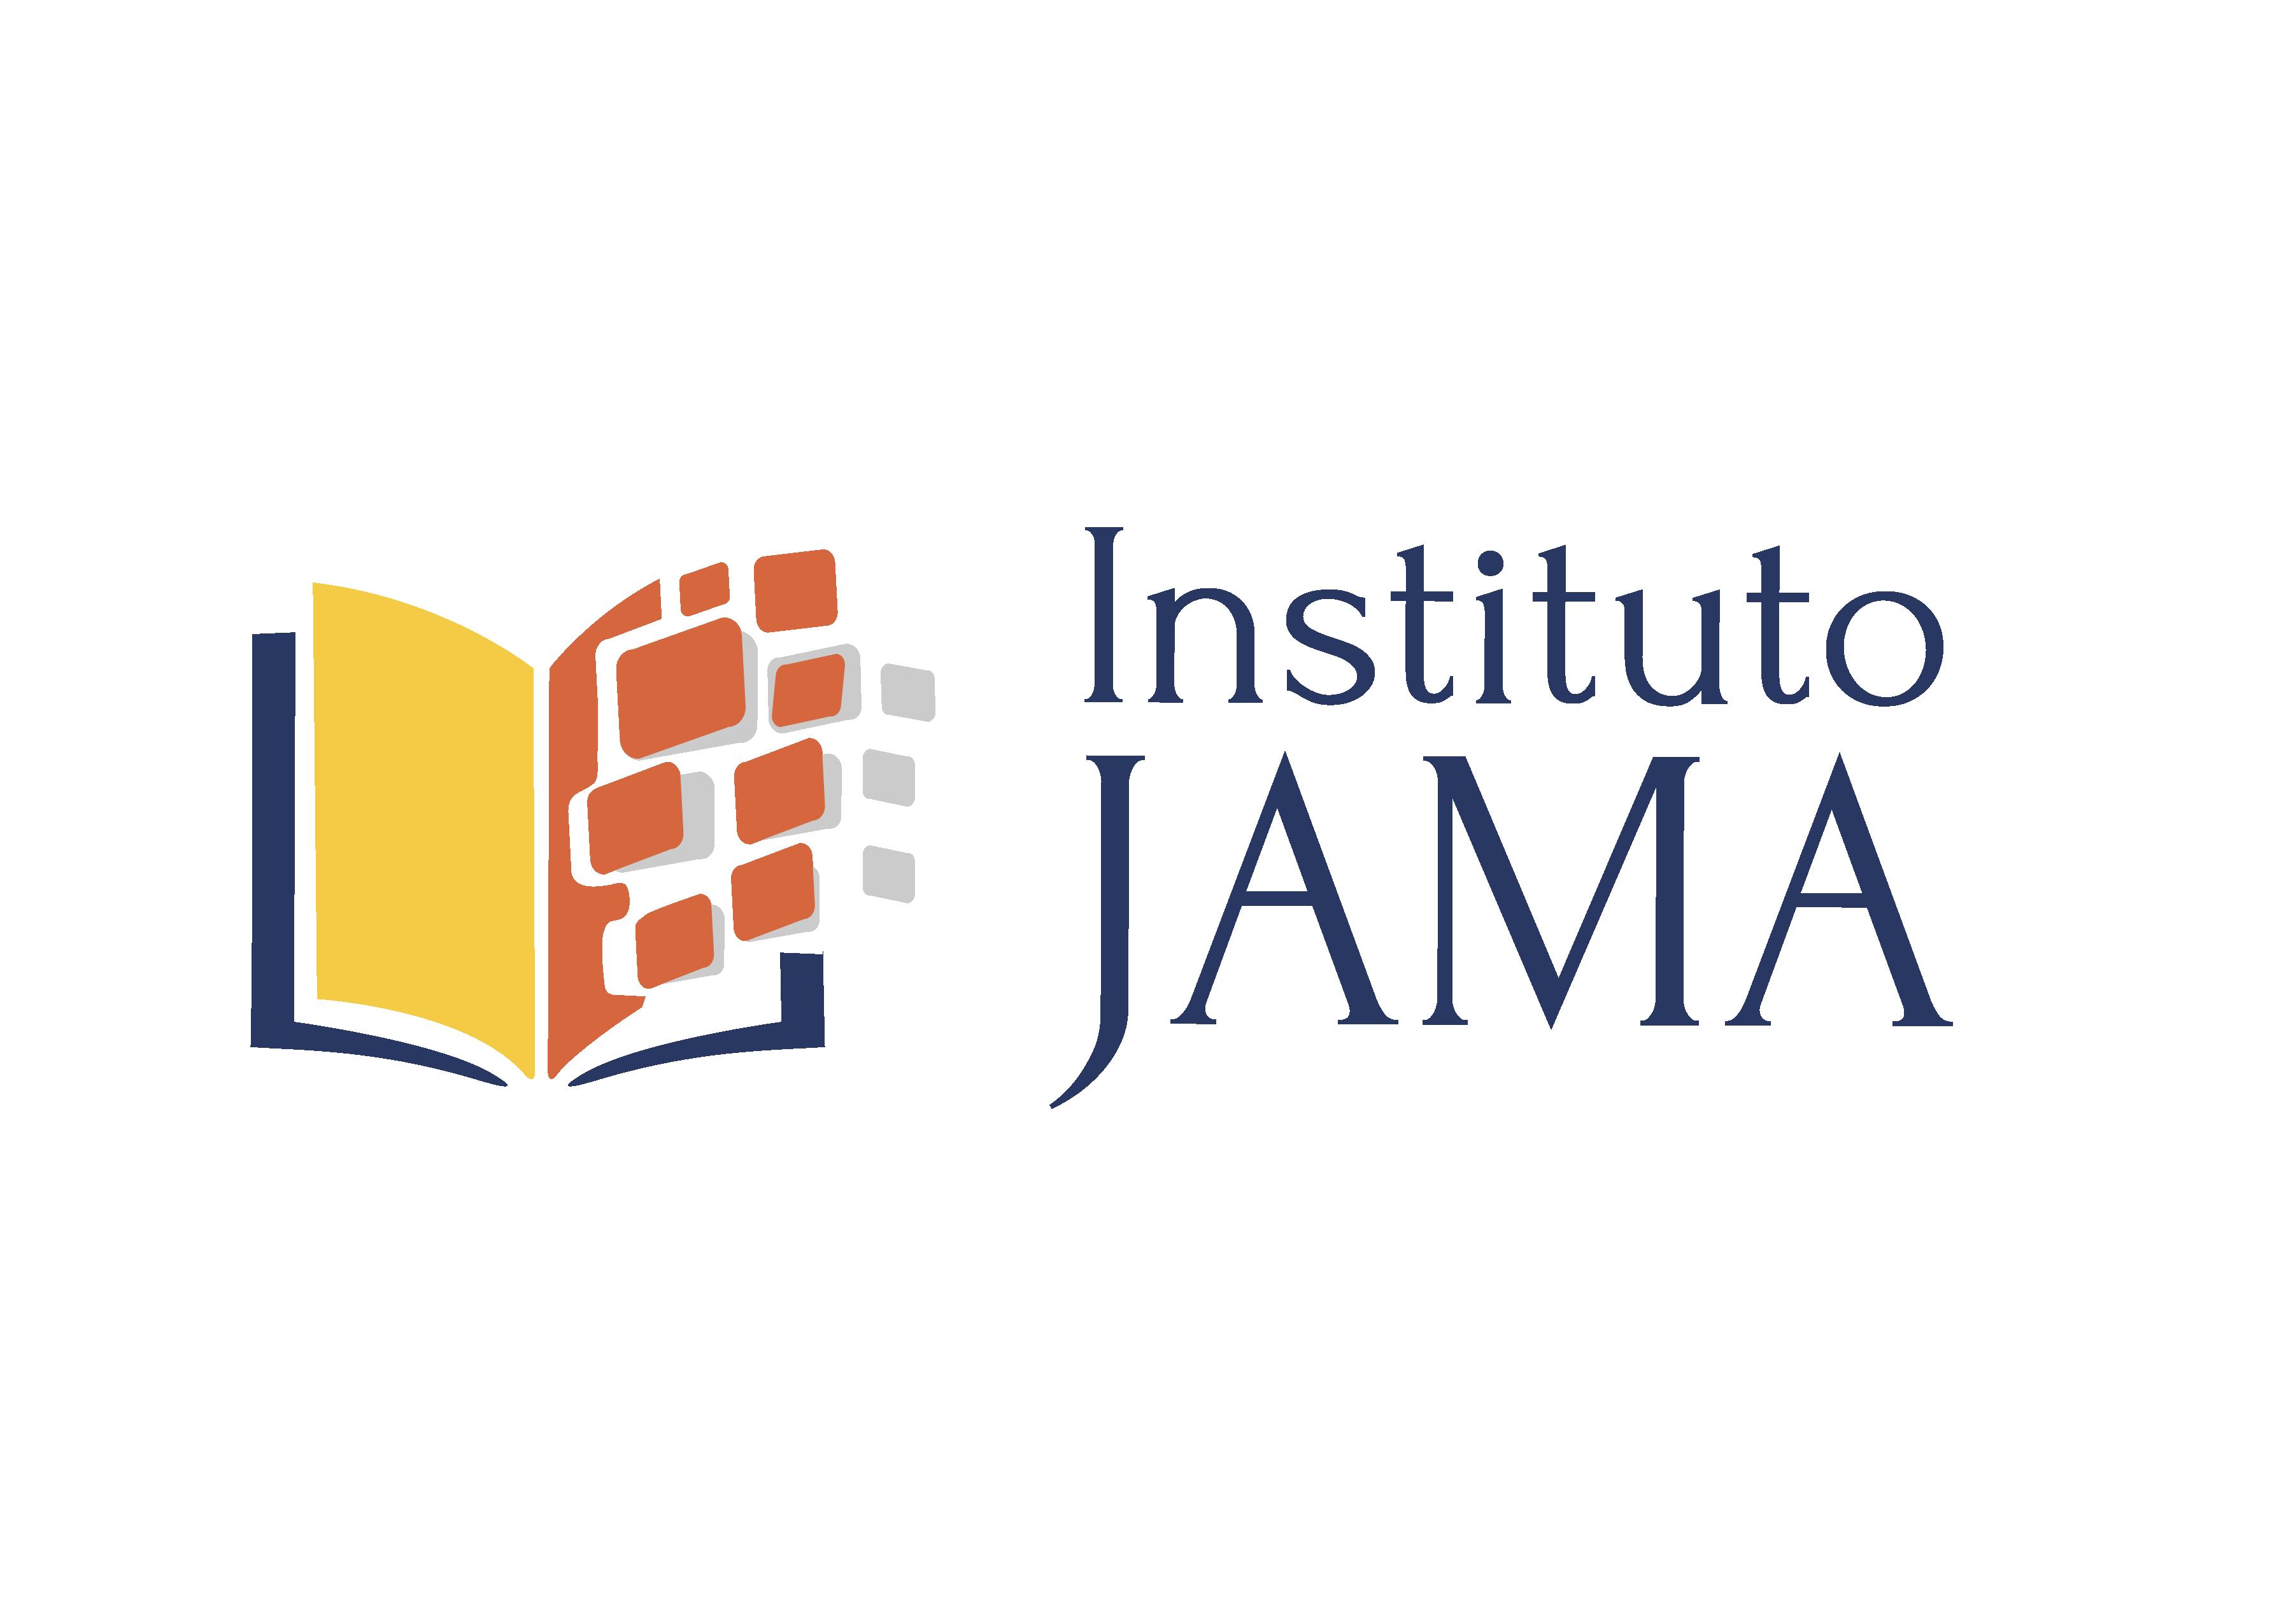 Instituto Jama